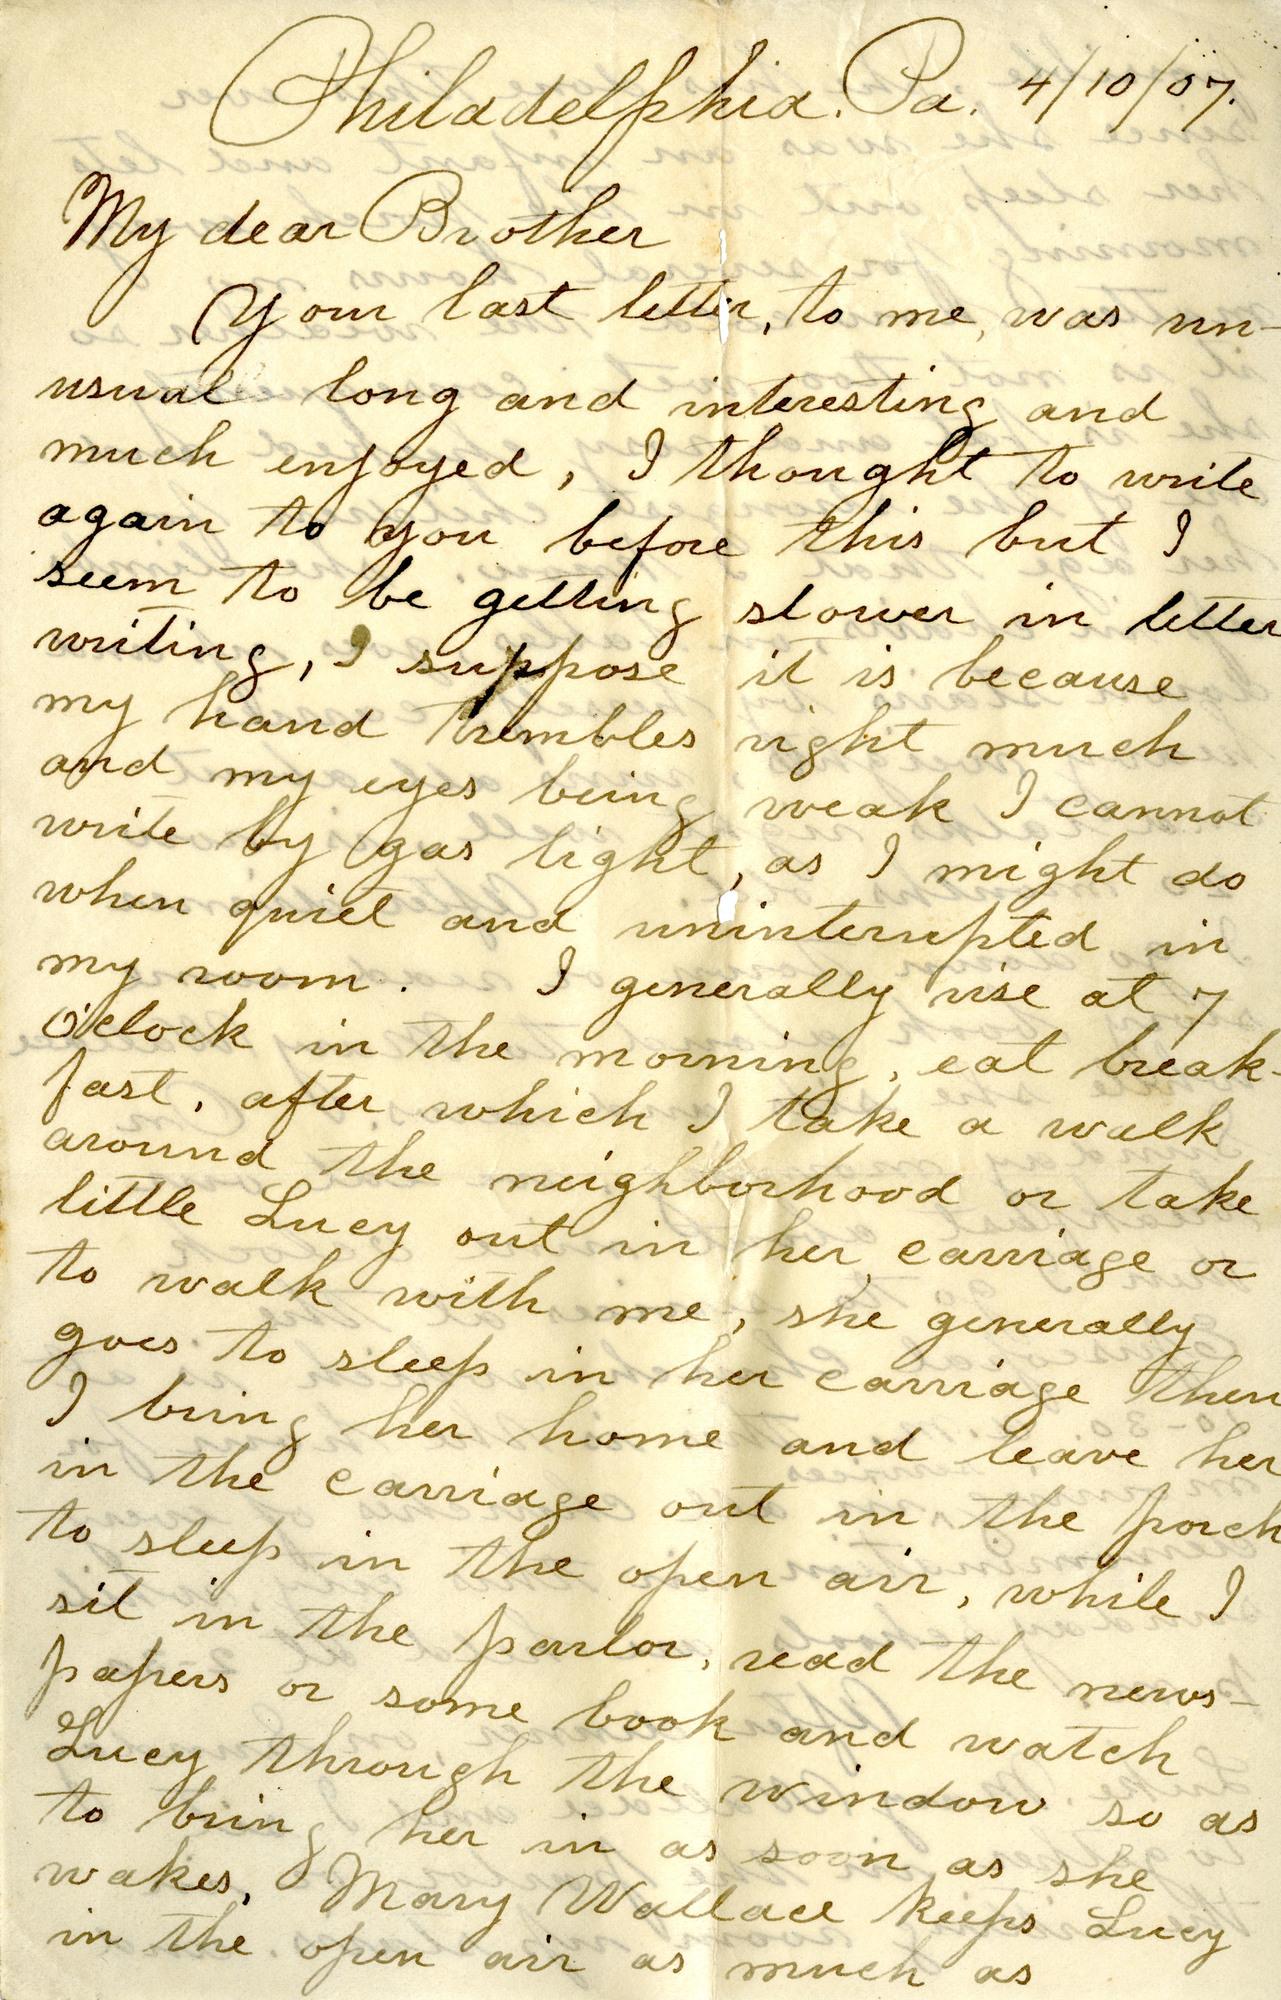 http://spec.lib.vt.edu/pickup/Omeka_upload/Ms2012-039_ConwayCatlett_F5_Letter_1907_0410a.jpg